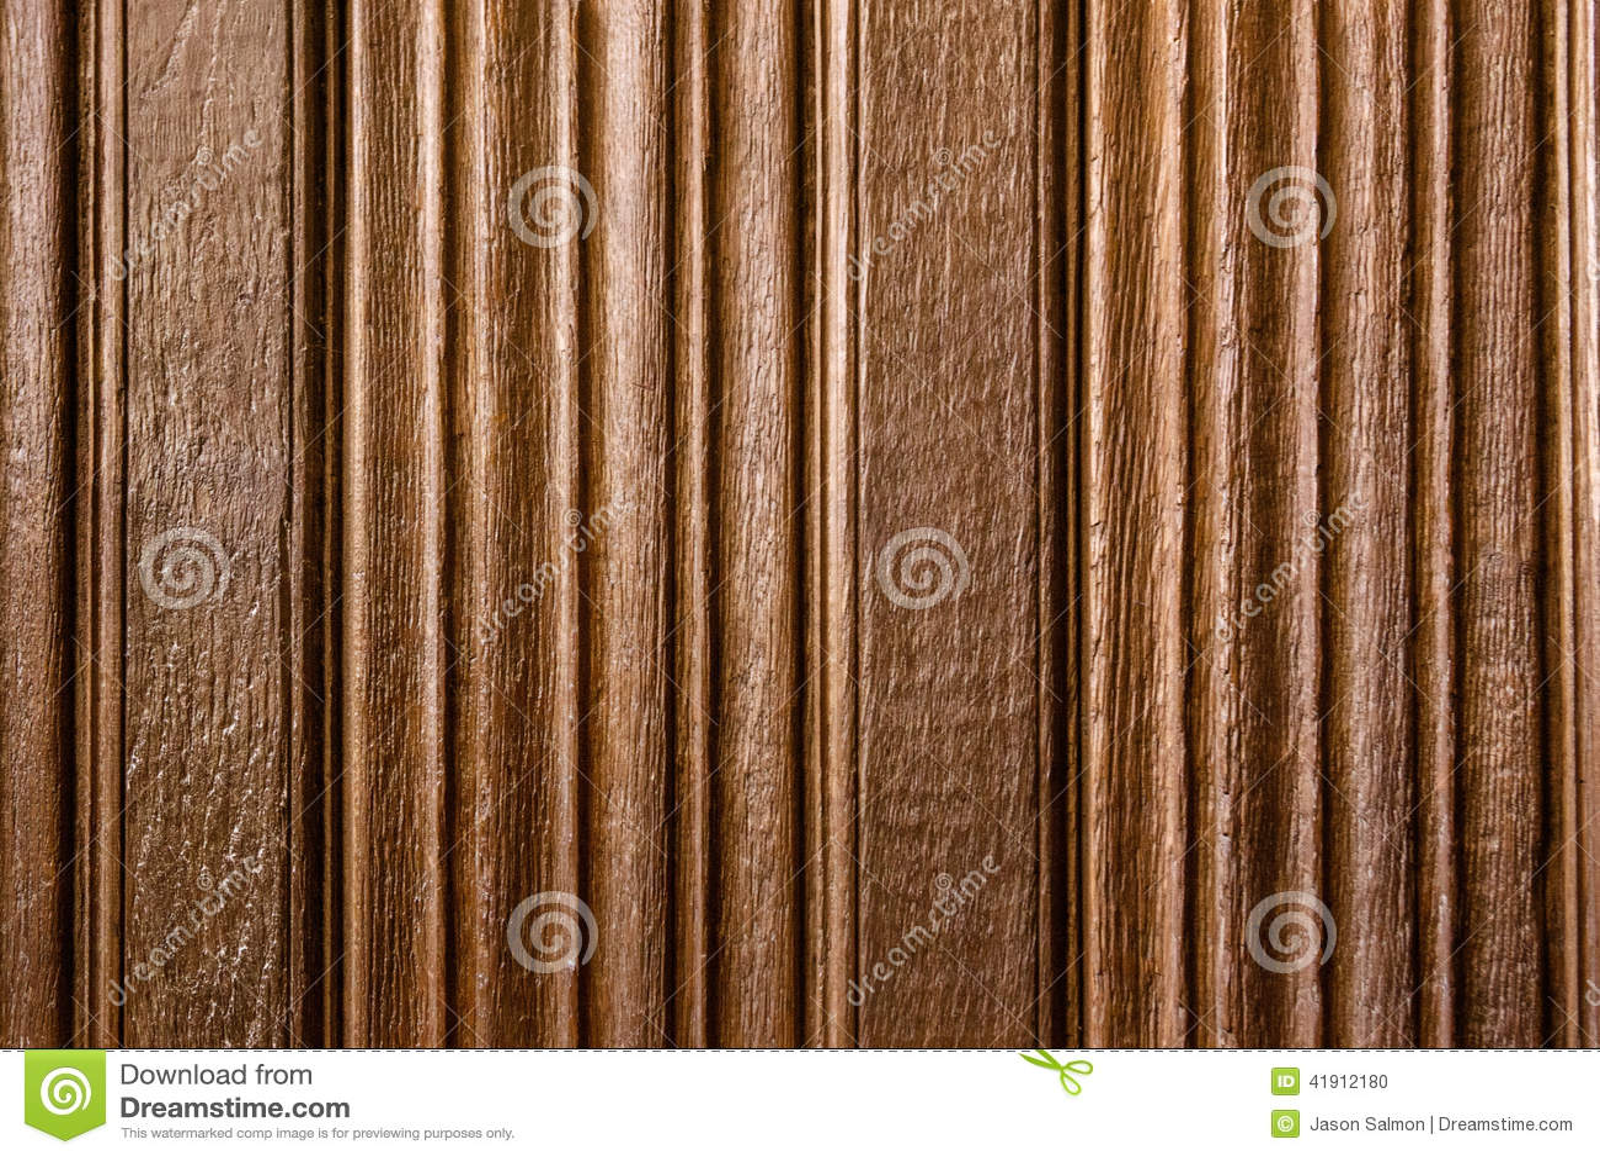 Revestimiento de madera de madera para las paredes stock photos 13 images - Revestimiento madera paredes ...